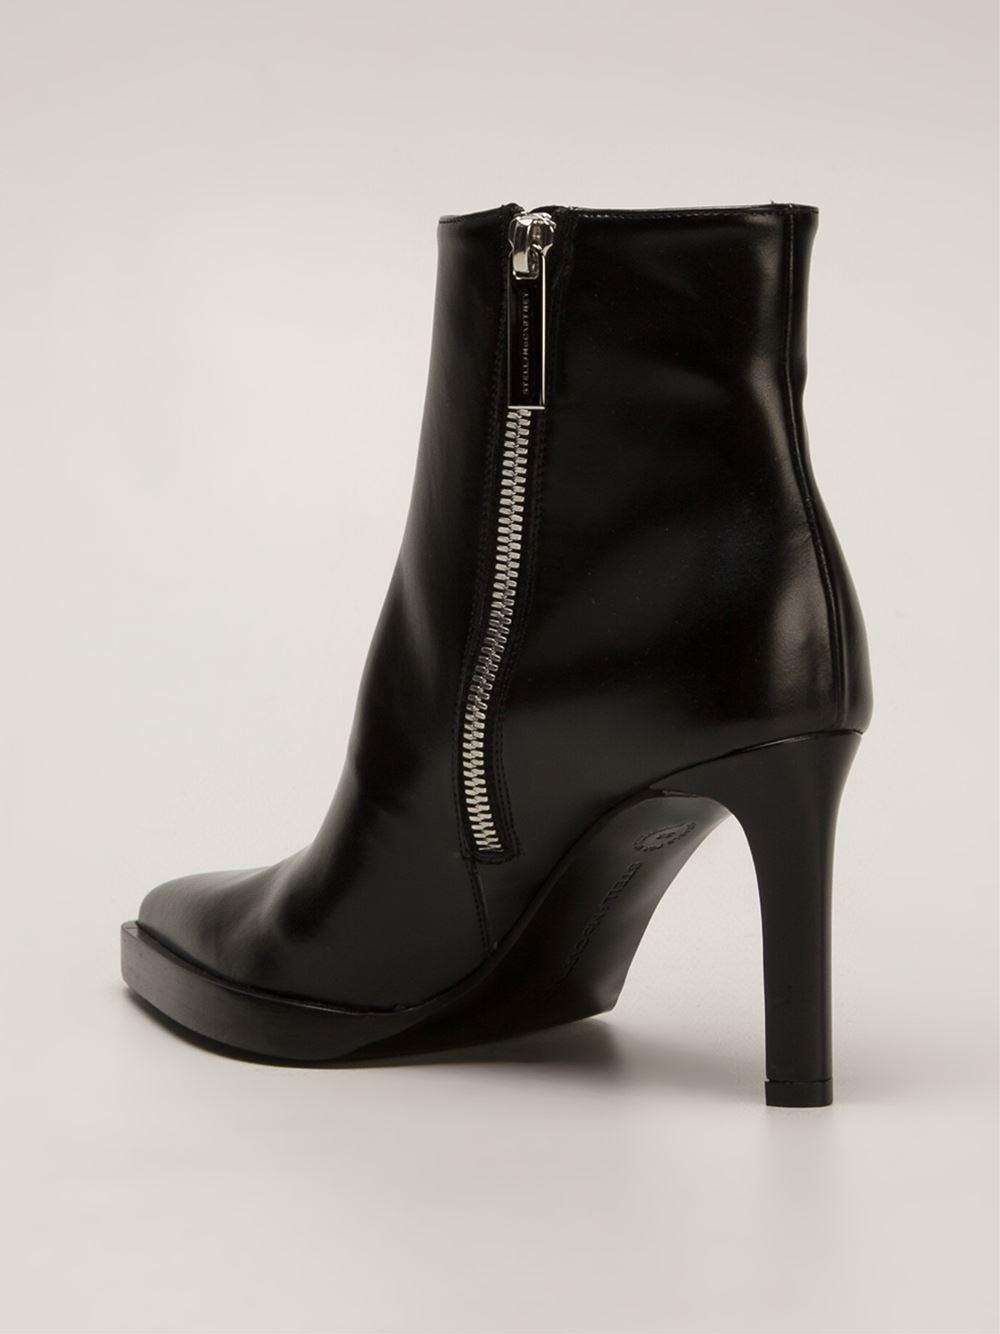 Stella McCartney 'Felix' Boots in Black